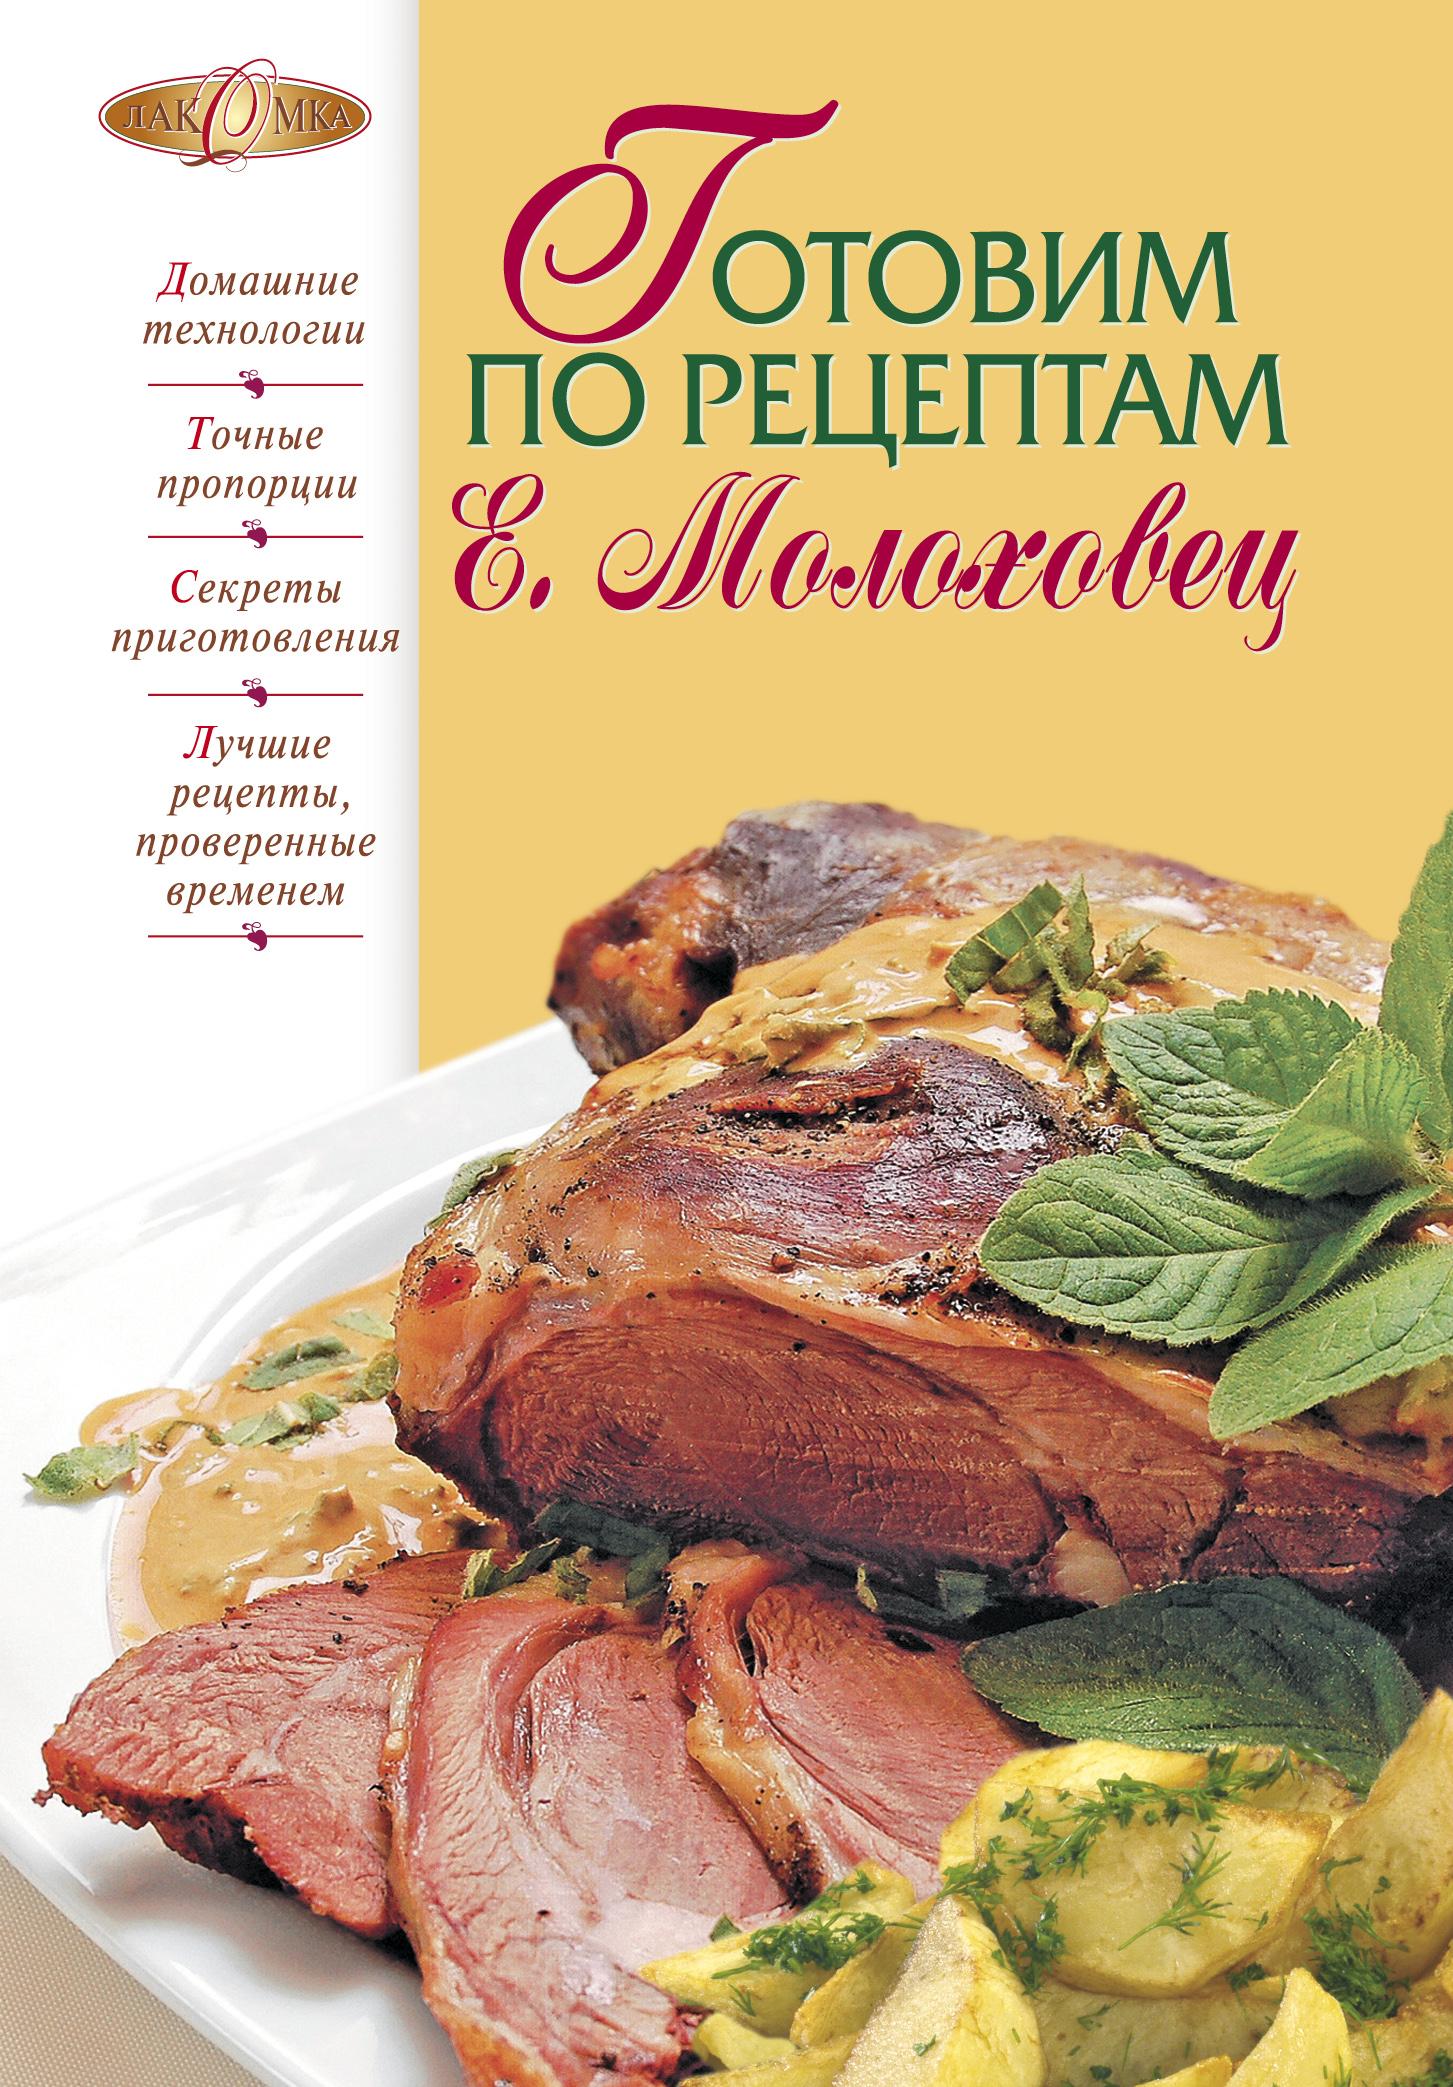 Готовим по рецептам Е. Молоховец